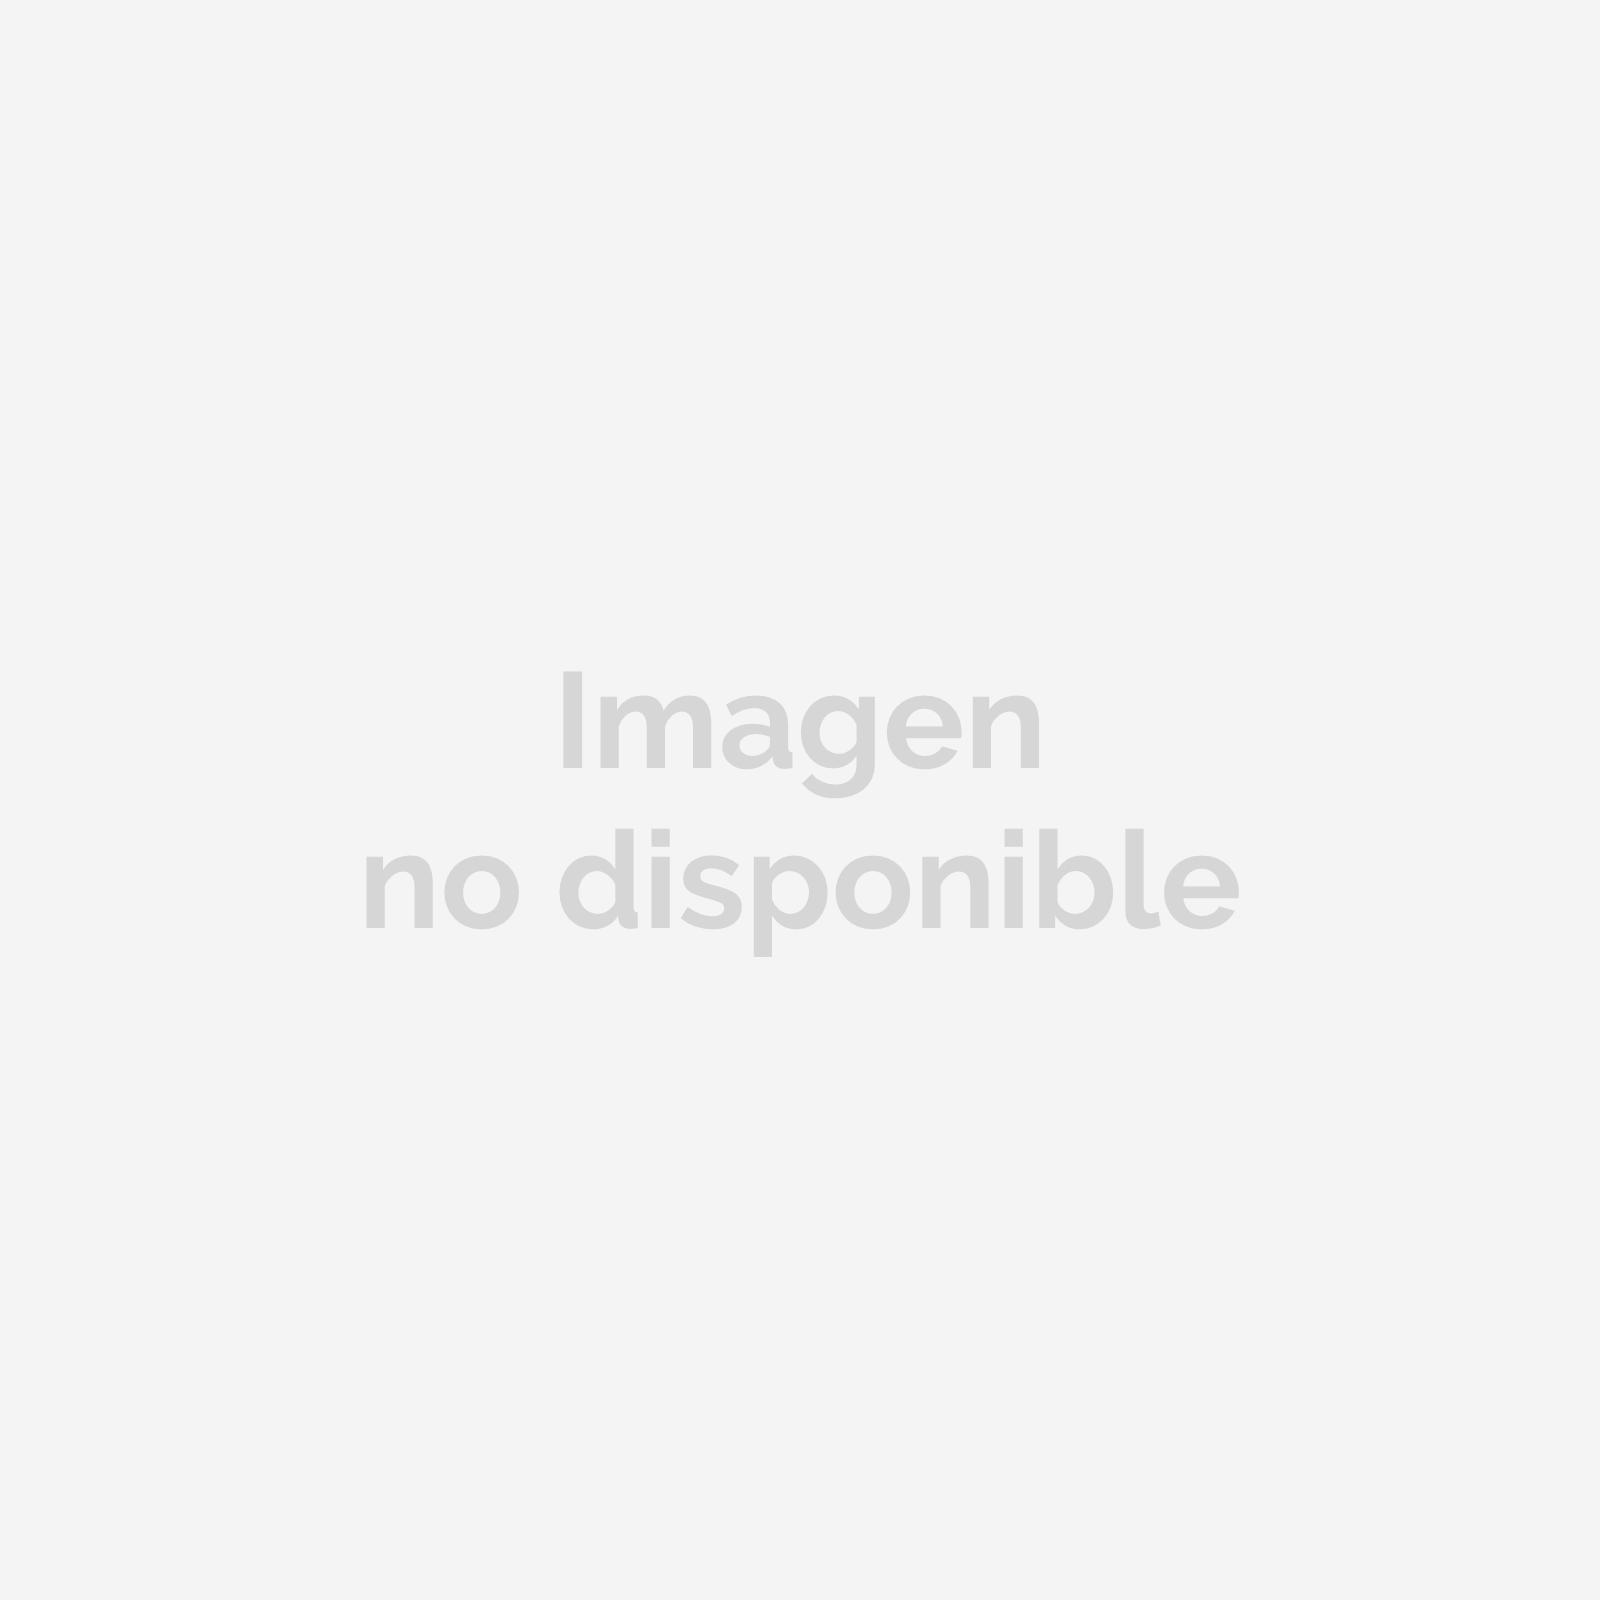 Colombia Cafetera Aluminio 6 tz